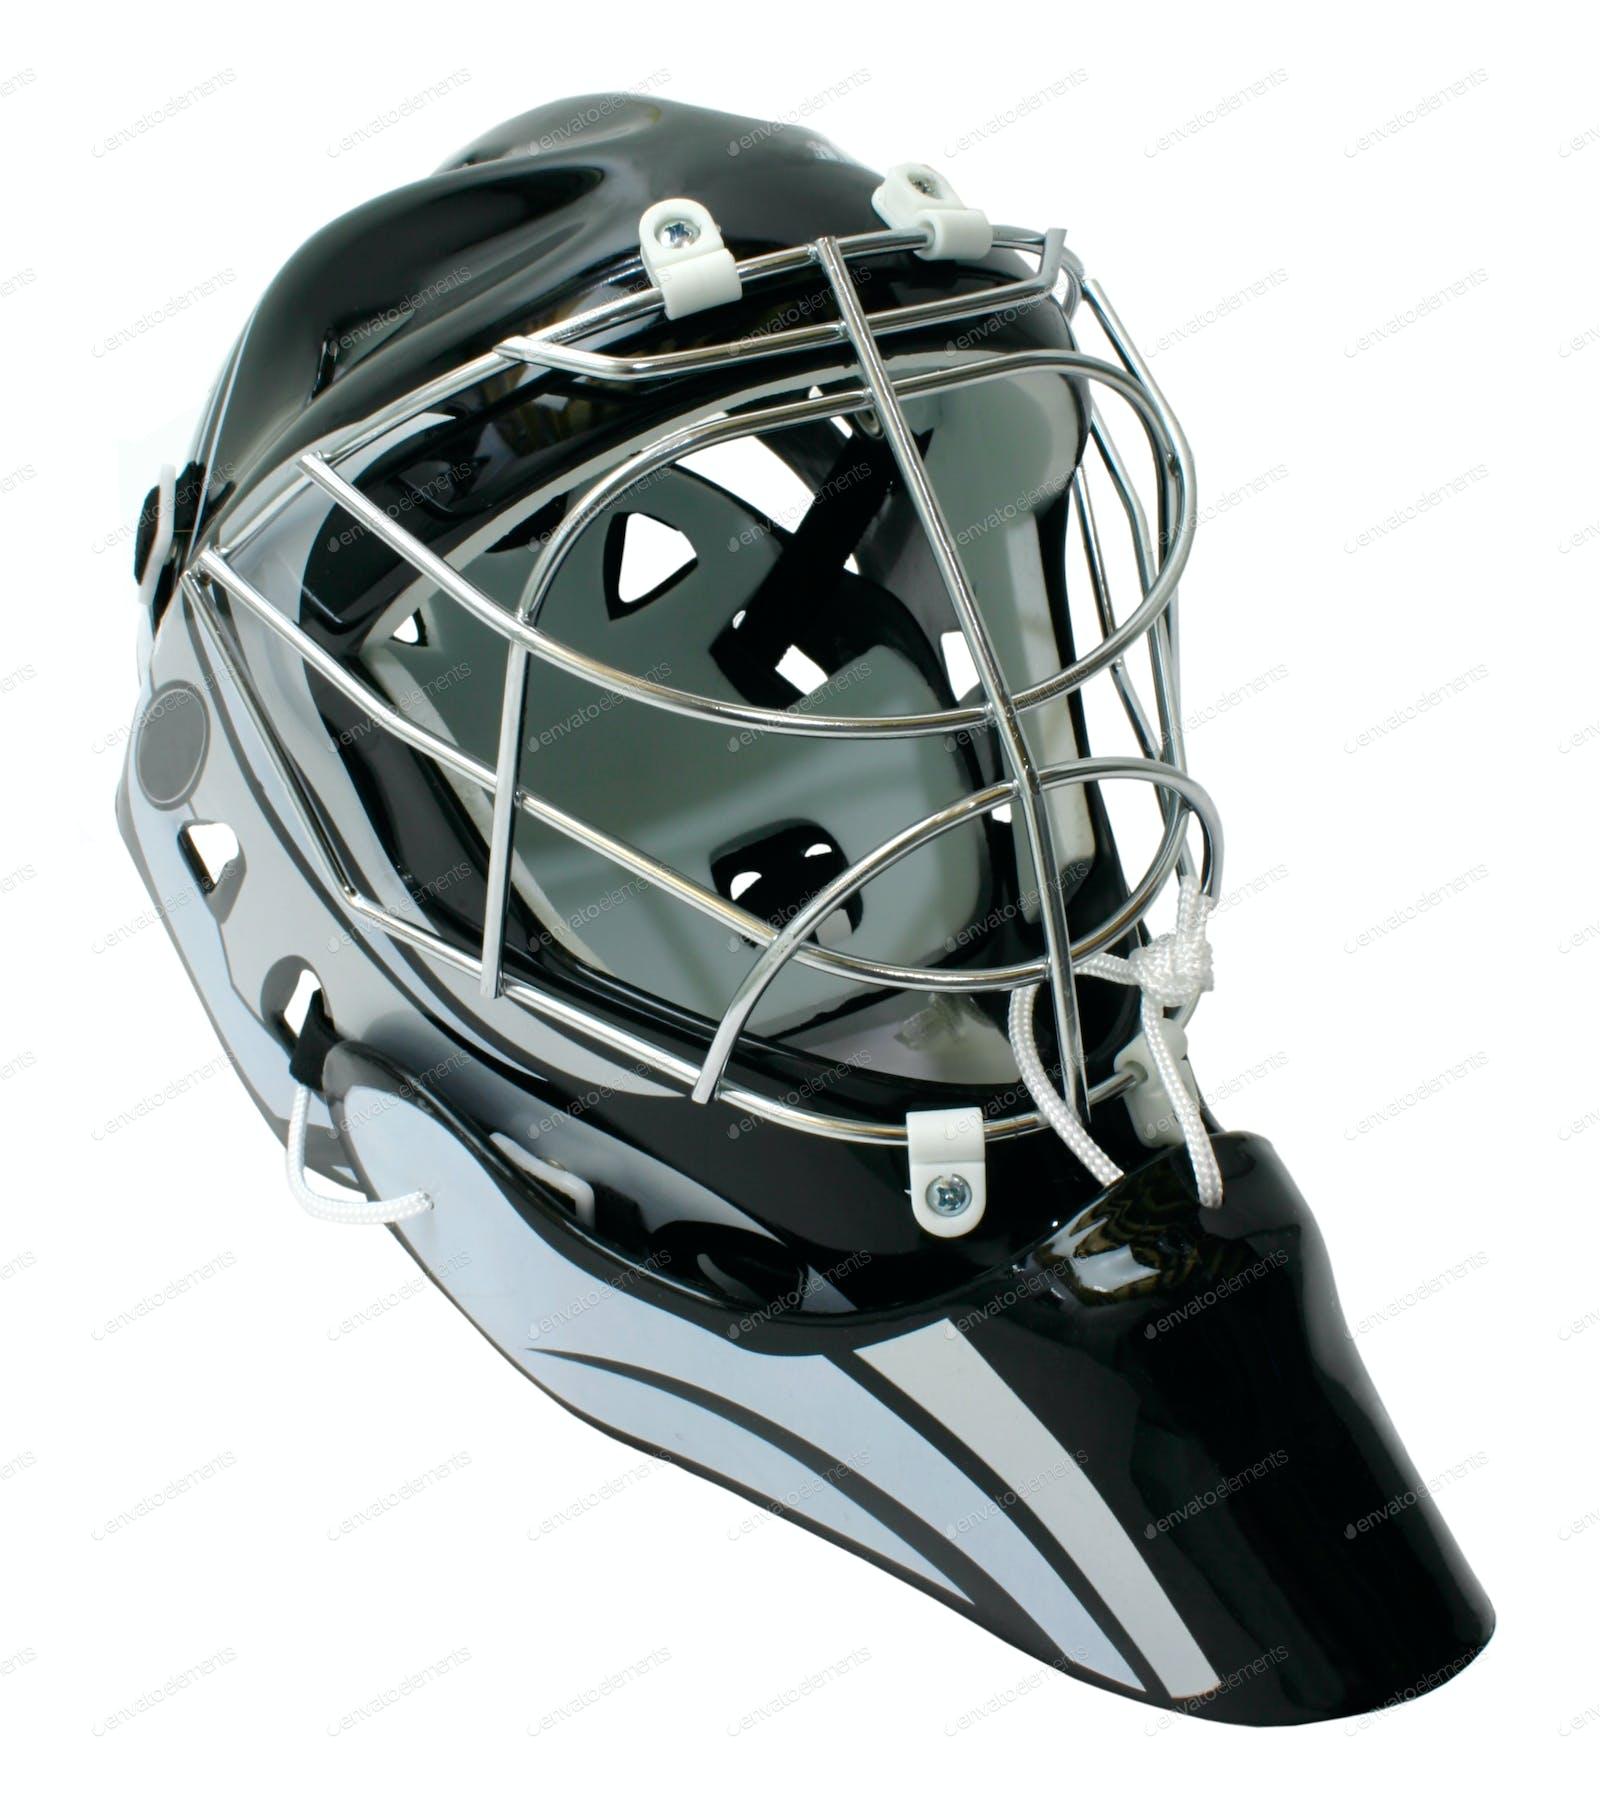 Hockey goaltender helmet